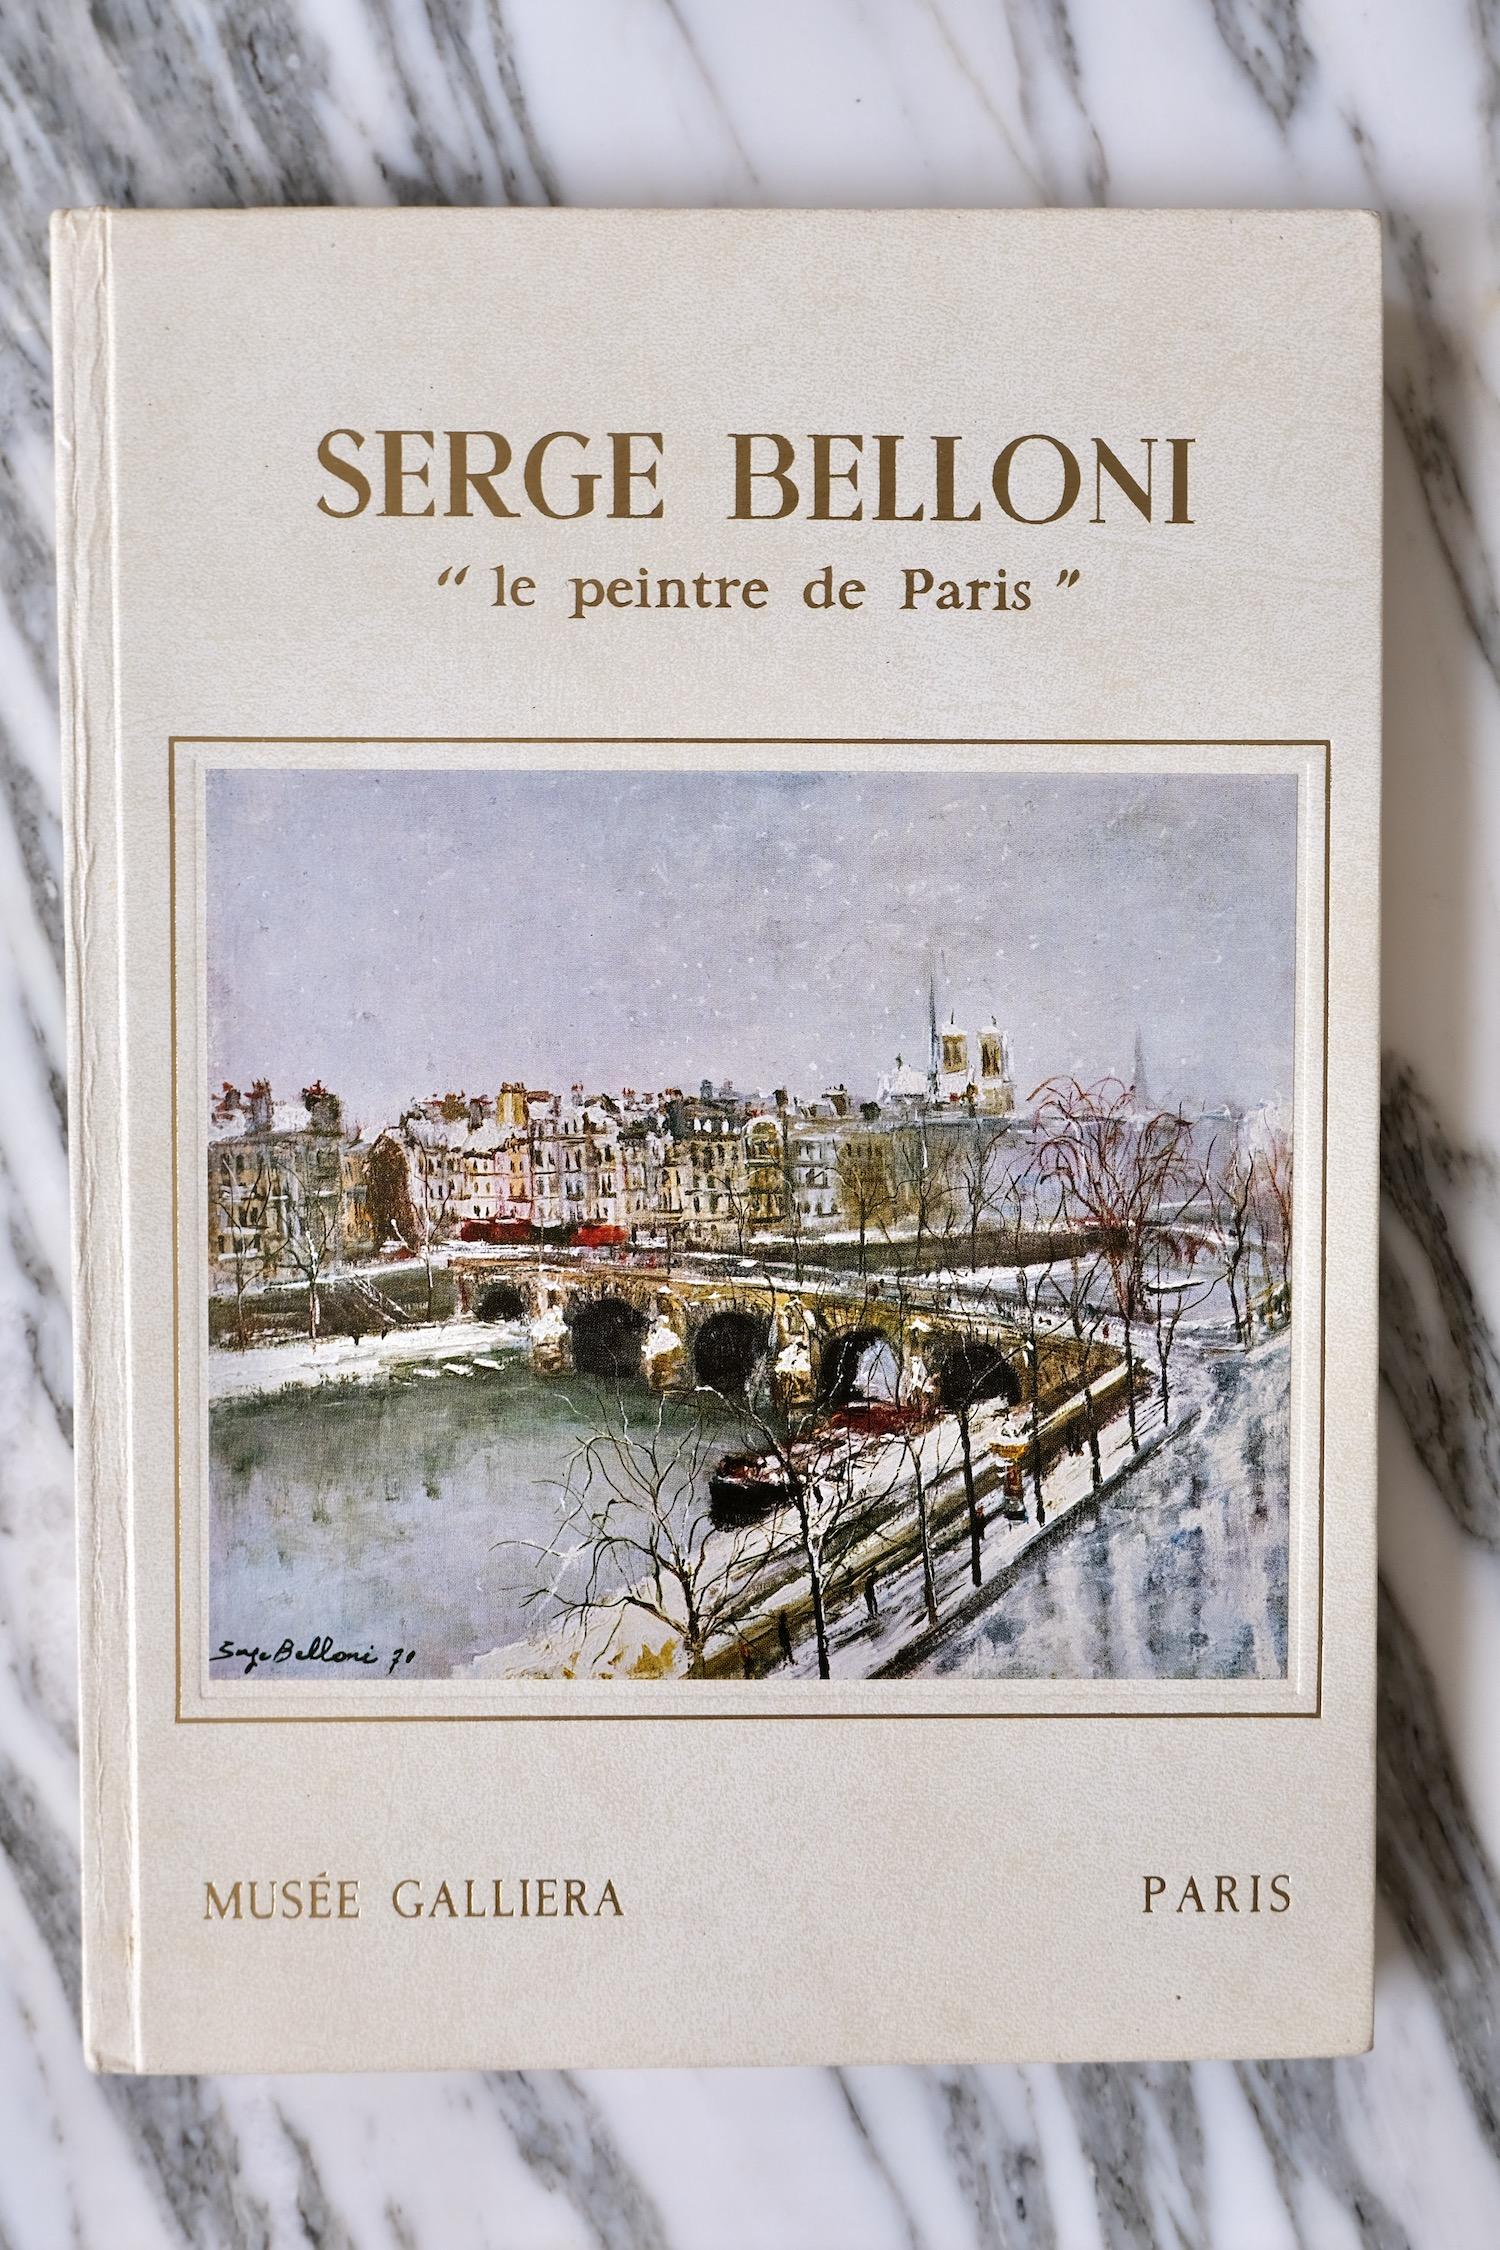 Serge Belloni book